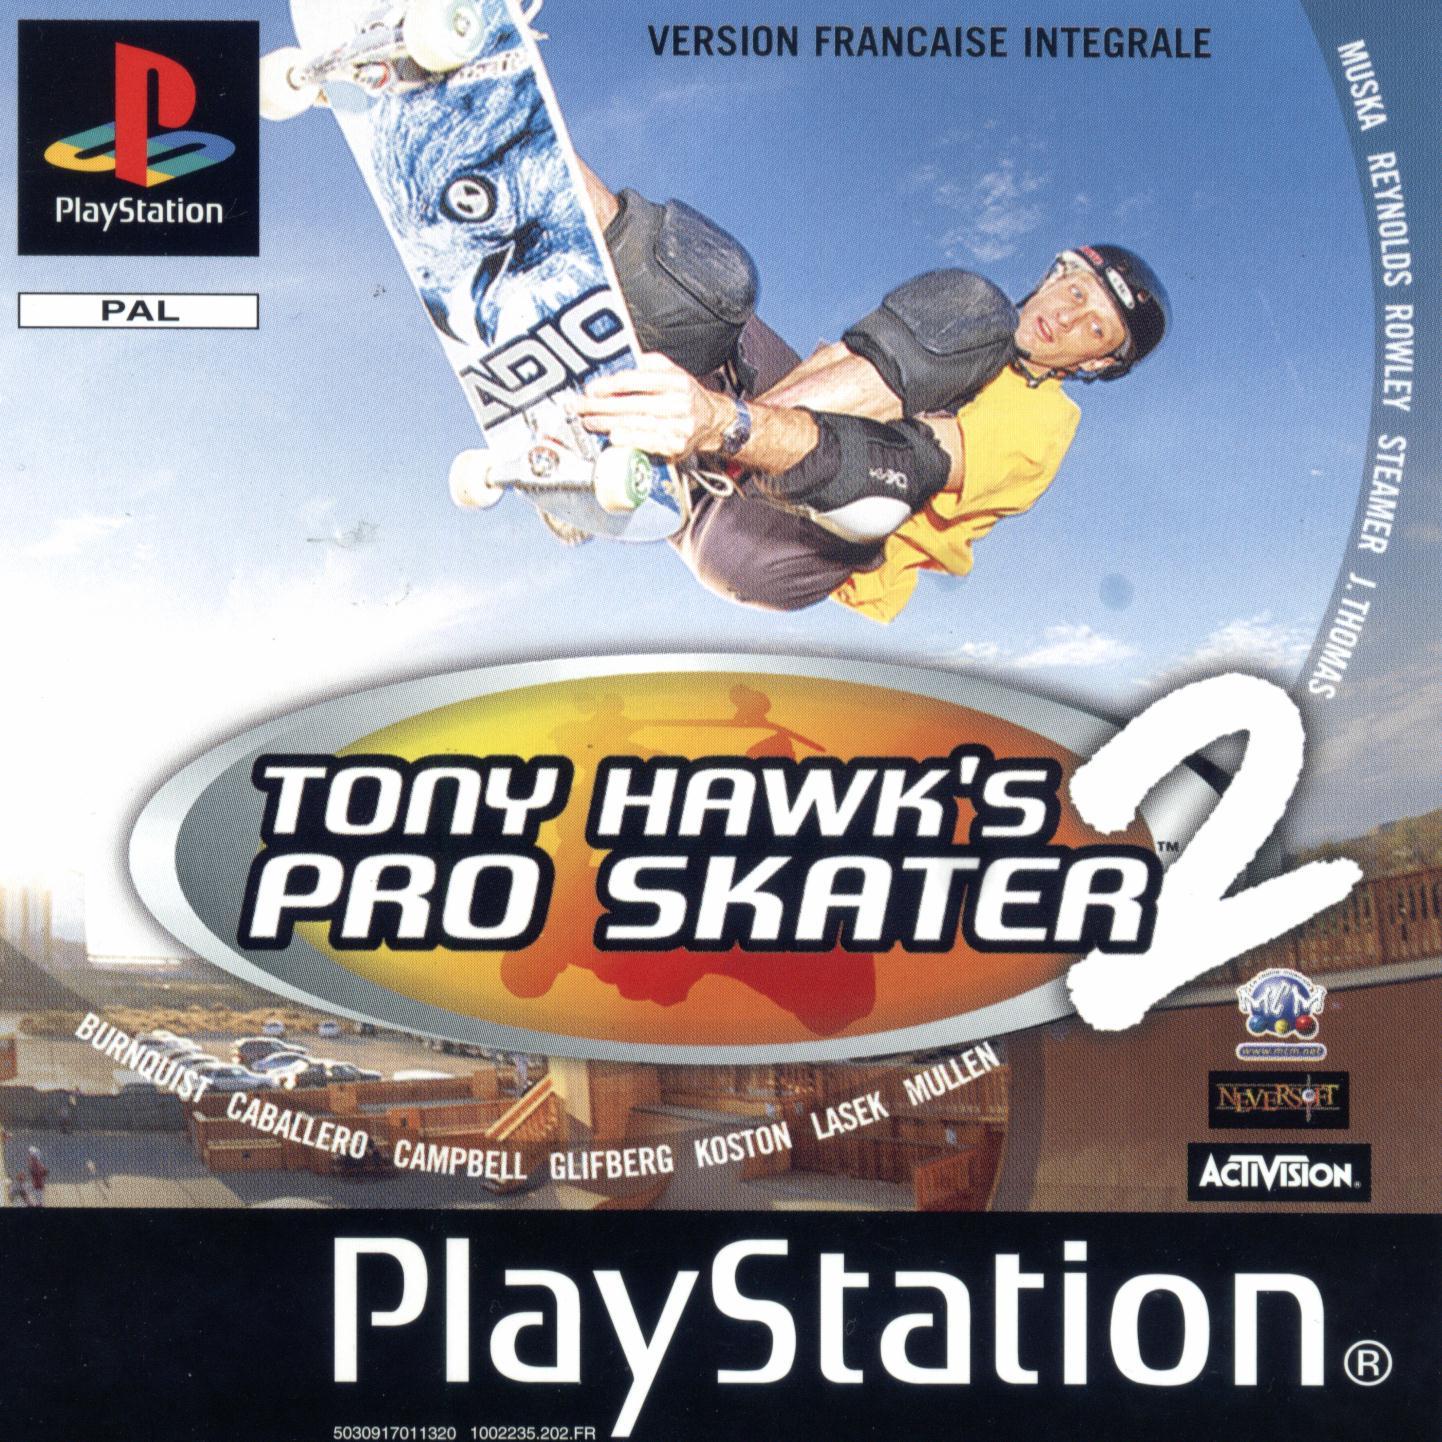 Tony Hawk's Pro Skater 2 - Análise